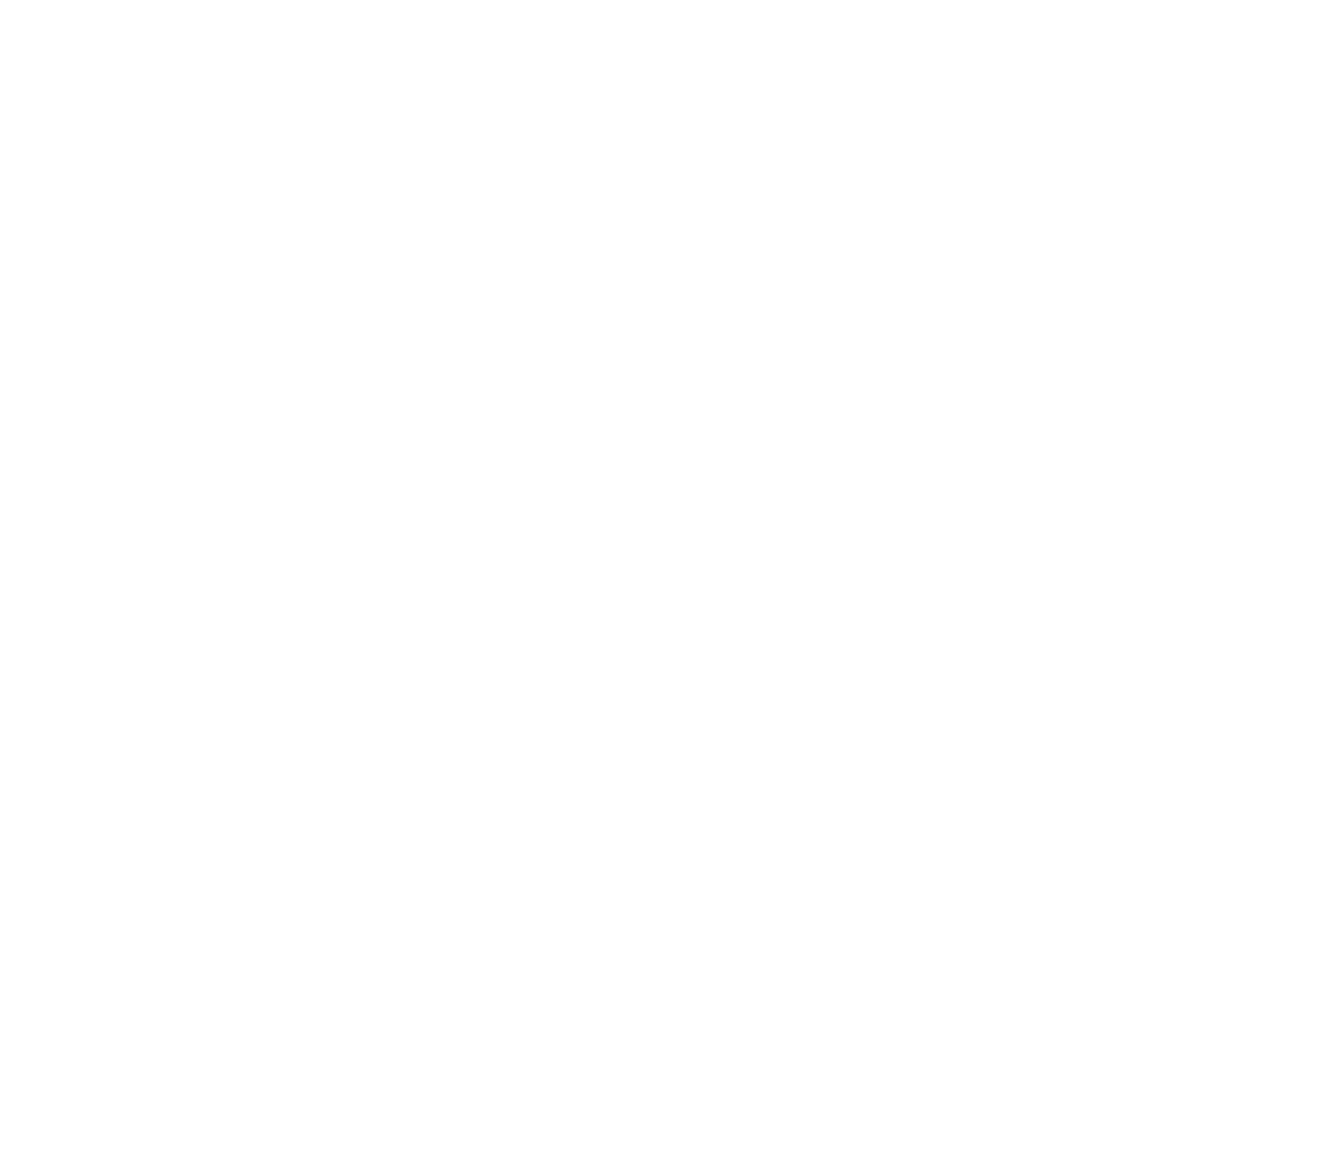 Shahram Pourassad